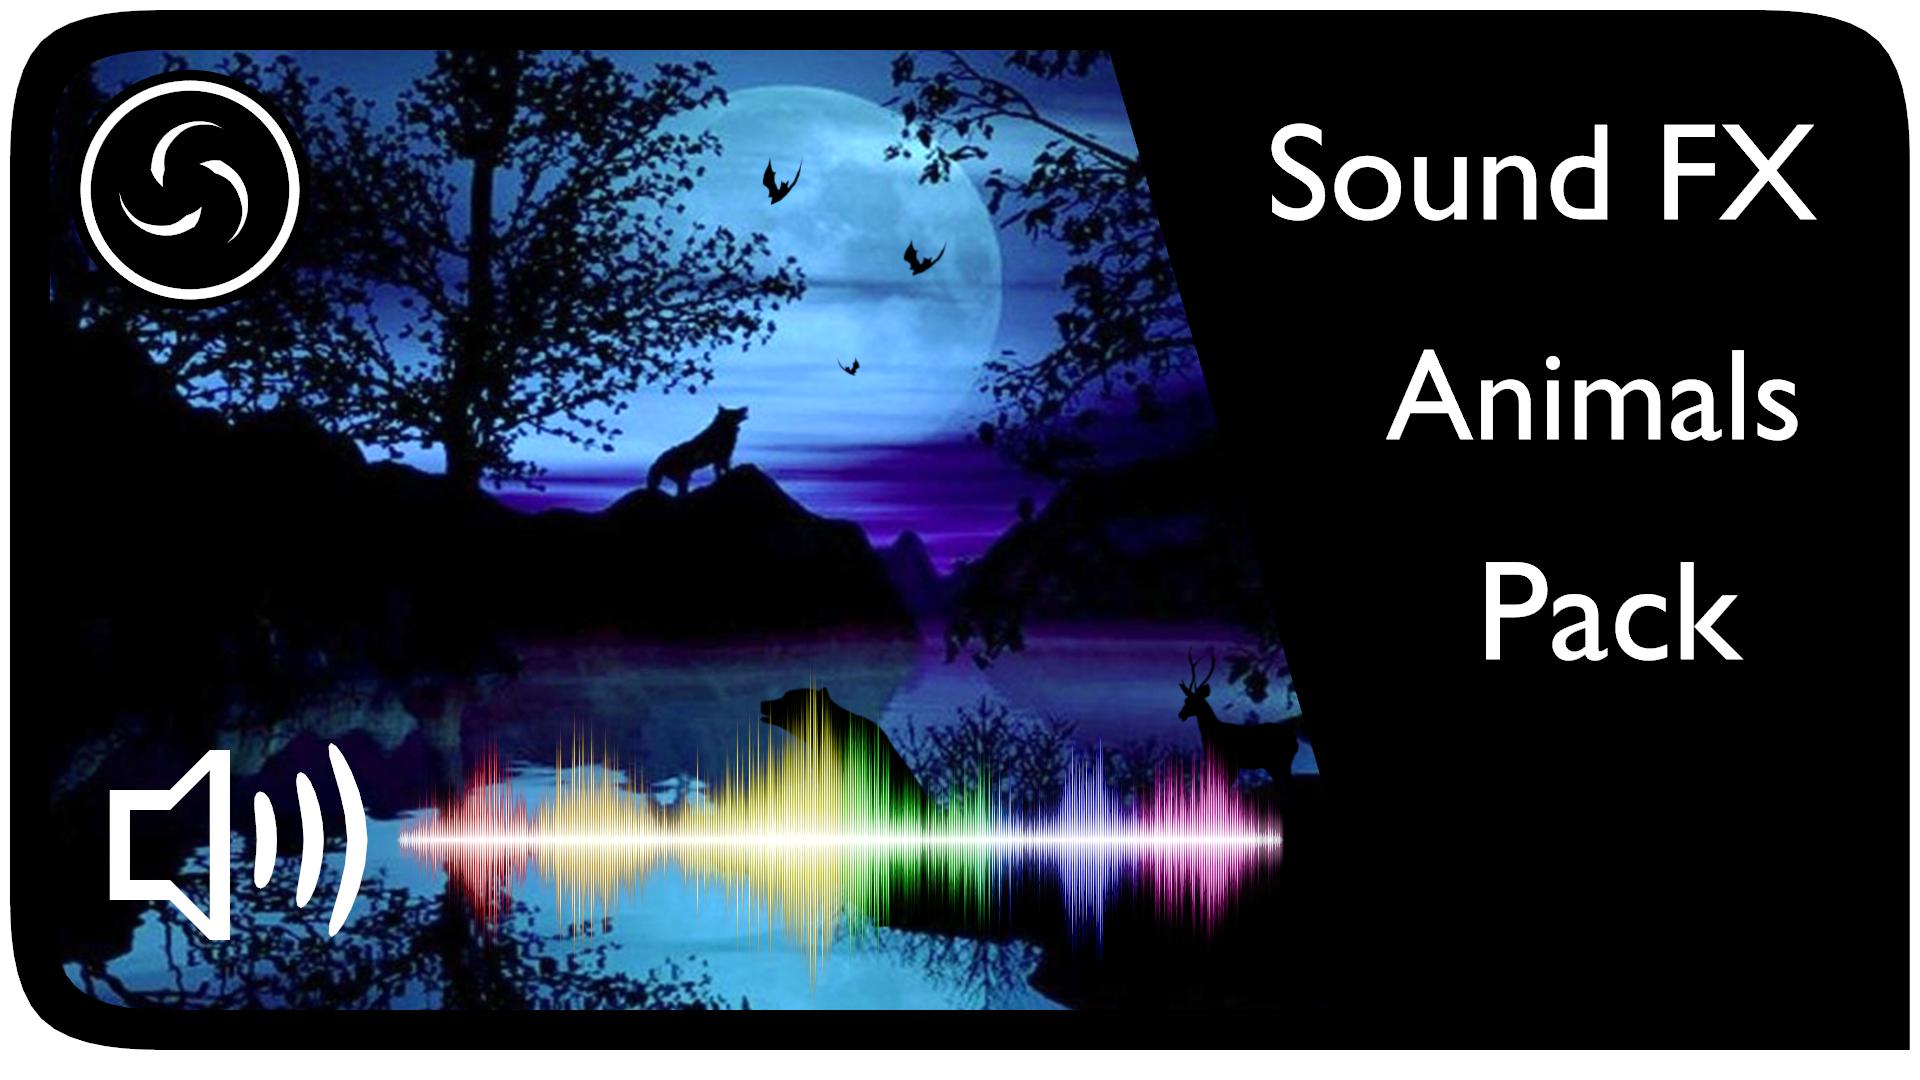 FX Animals Sound Pack